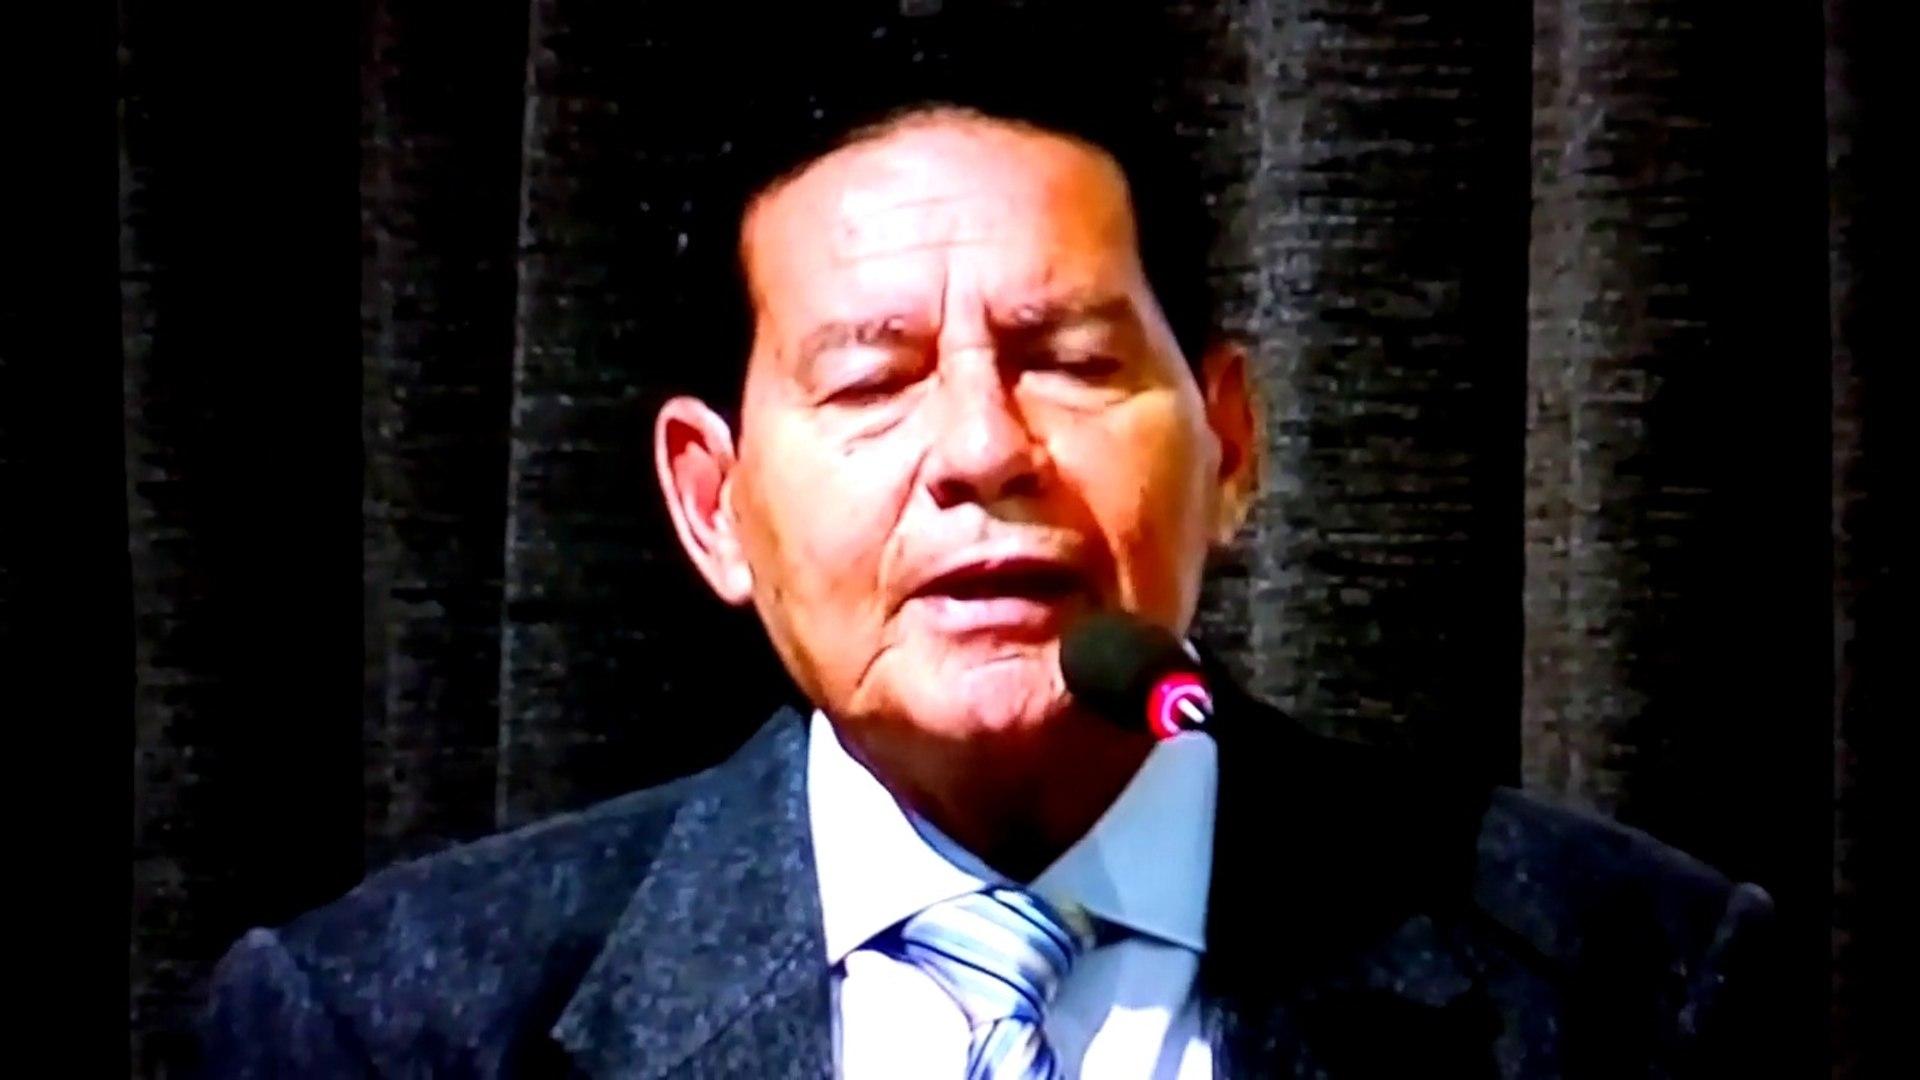 Vice de Bolsonaro Mourão-Brasileiro é Insensível,preguiçoso,desleixado,negligente e preto é preguiço